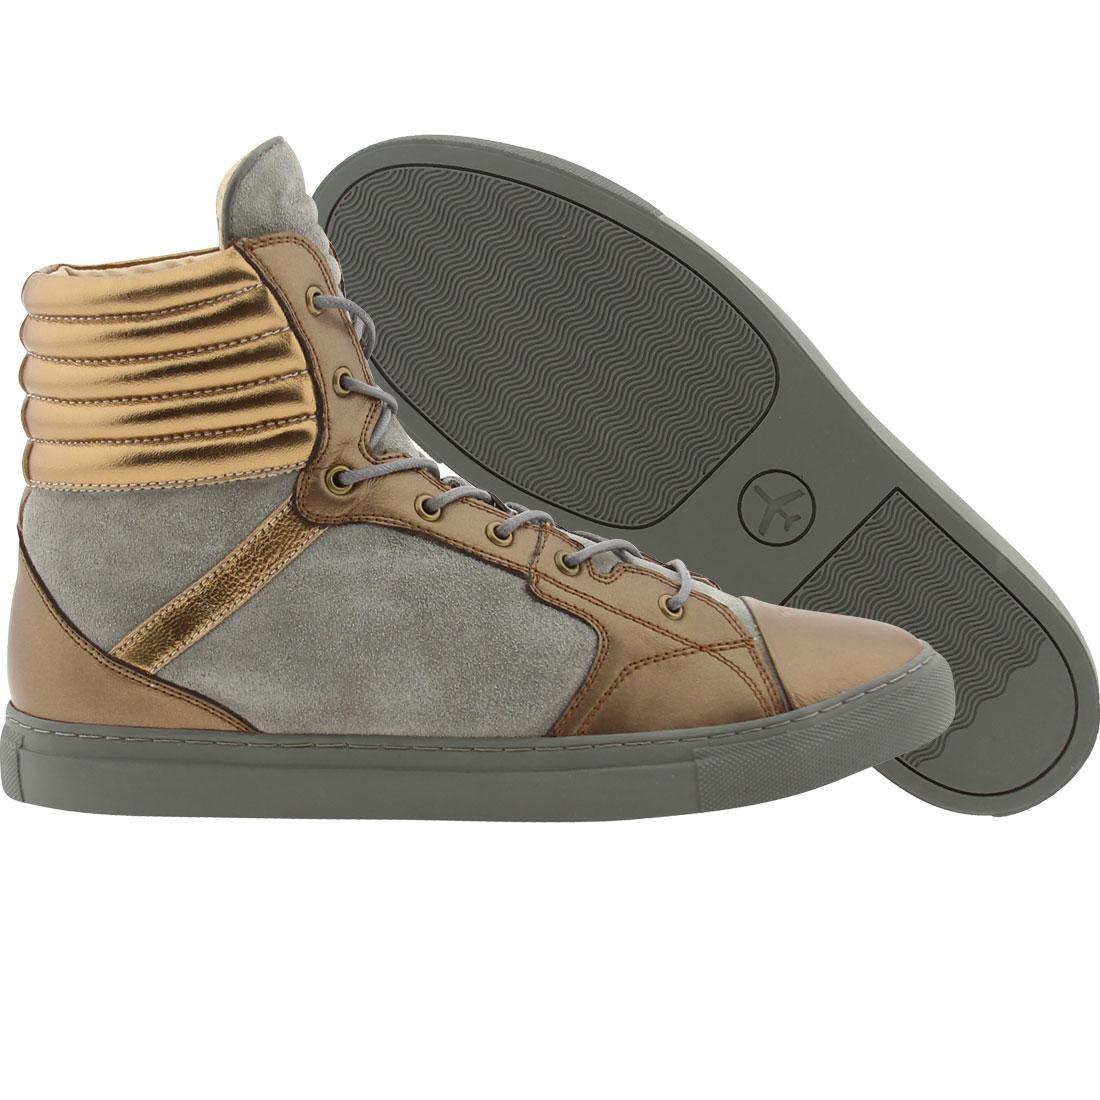 【海外限定】銅 ブロンズ スニーカー 靴 【 PASSPORT PIAZZA BRONZE GREY 】